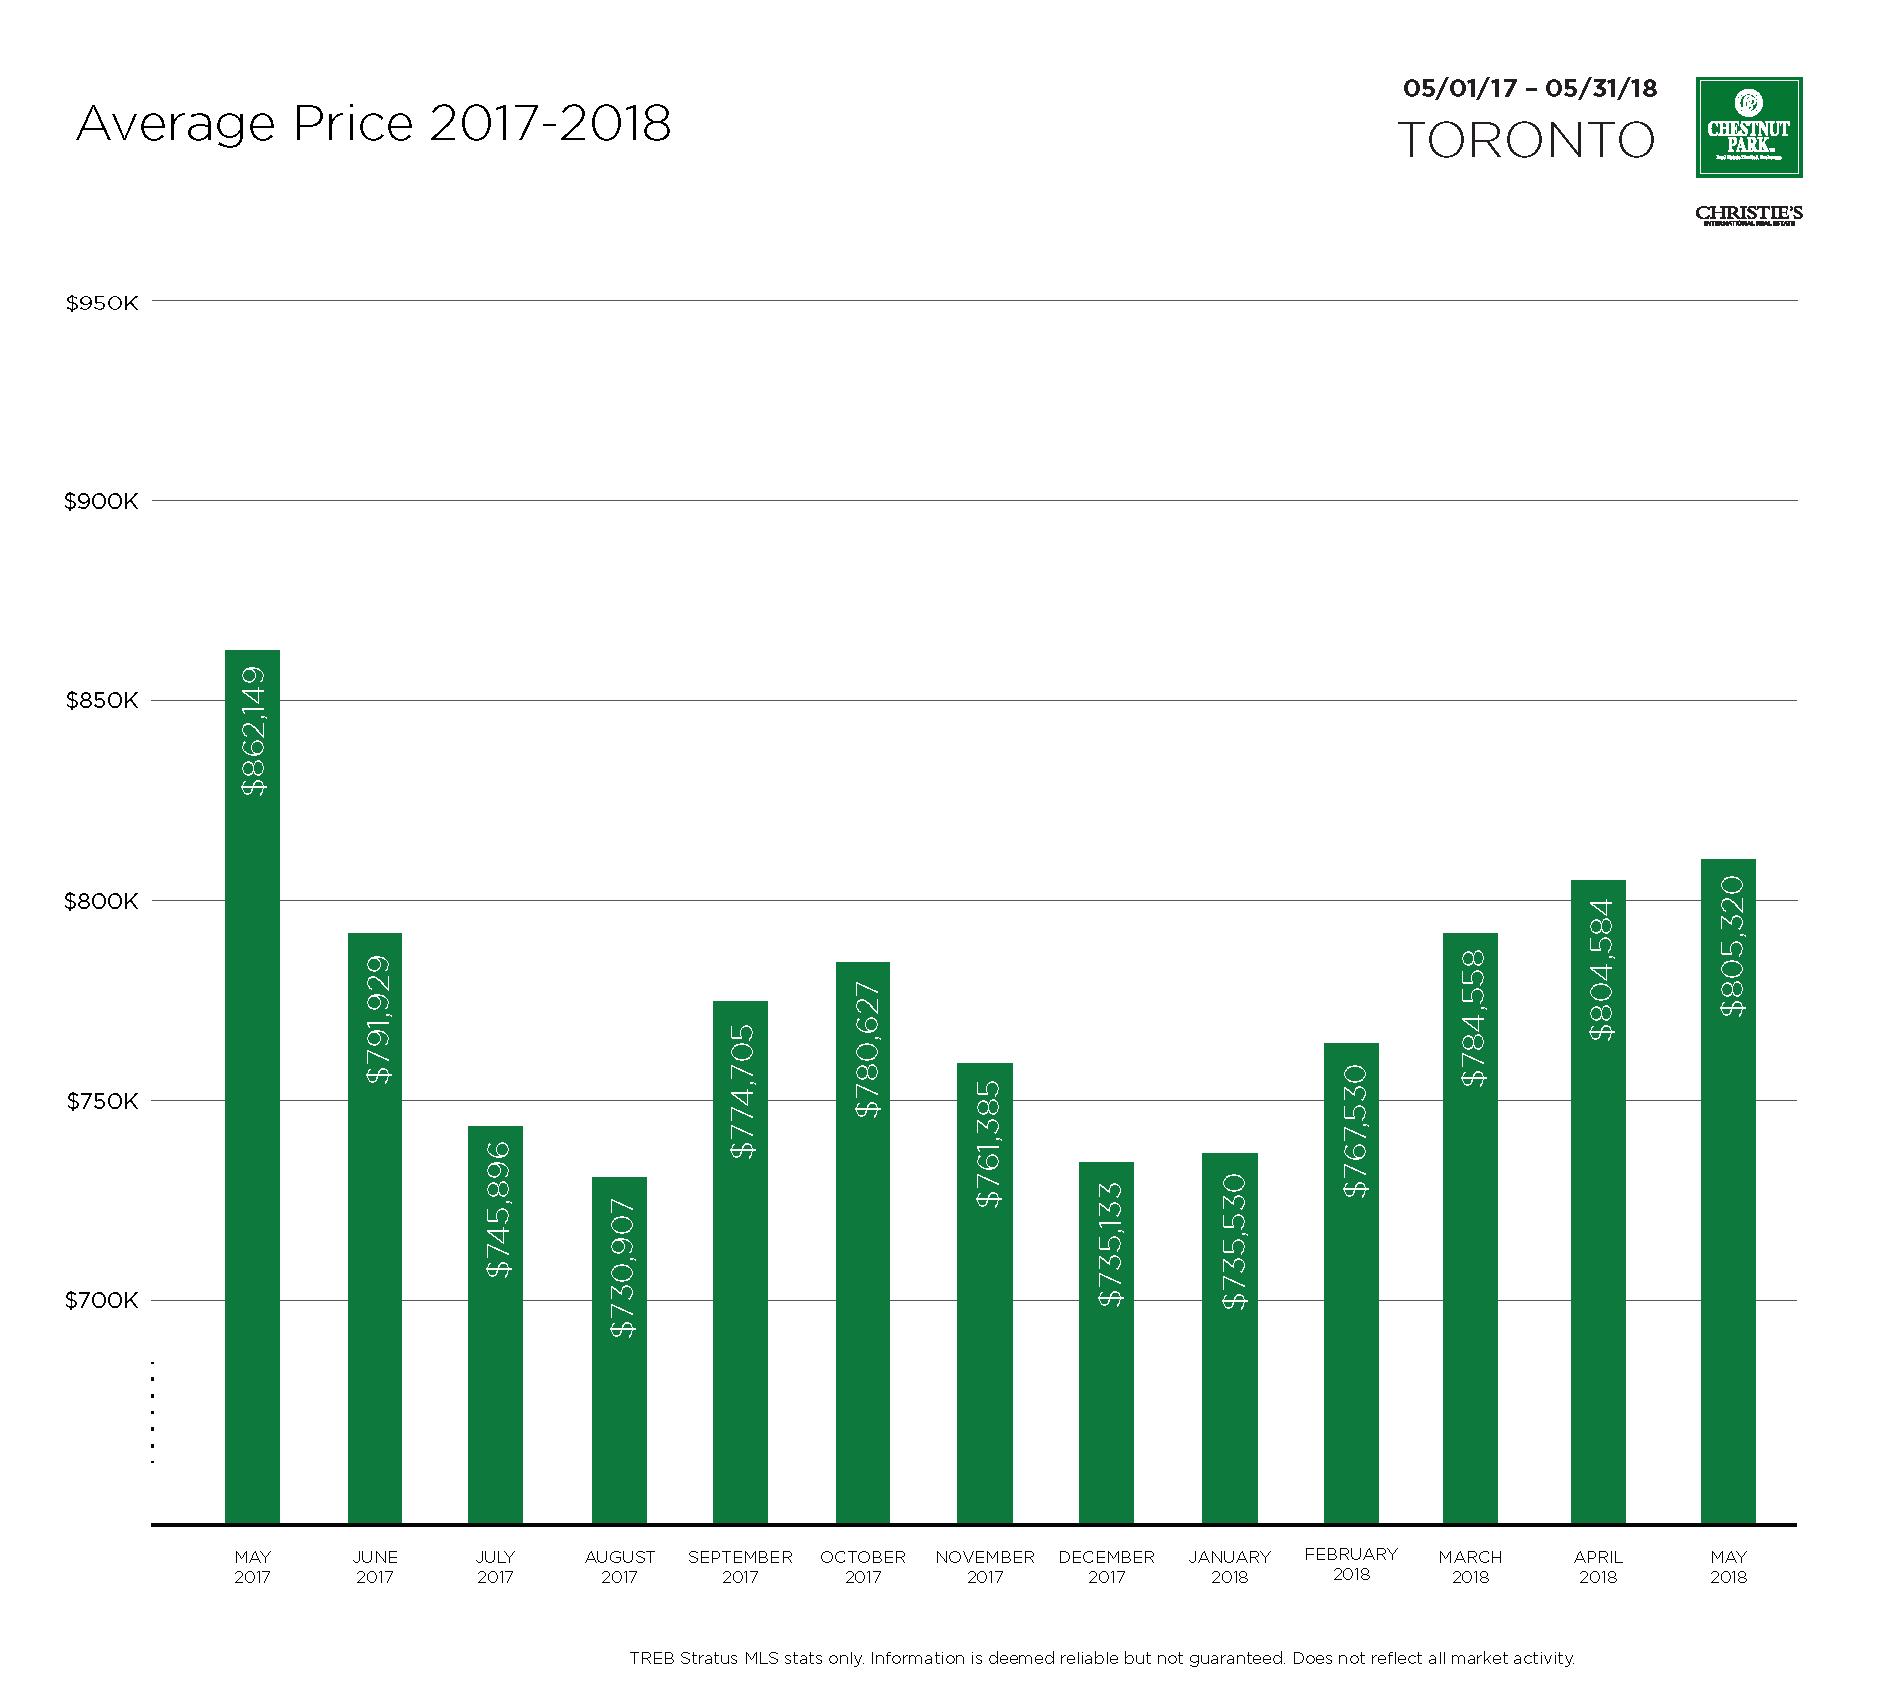 Toronto-Average-Price-2017-2018-May.png